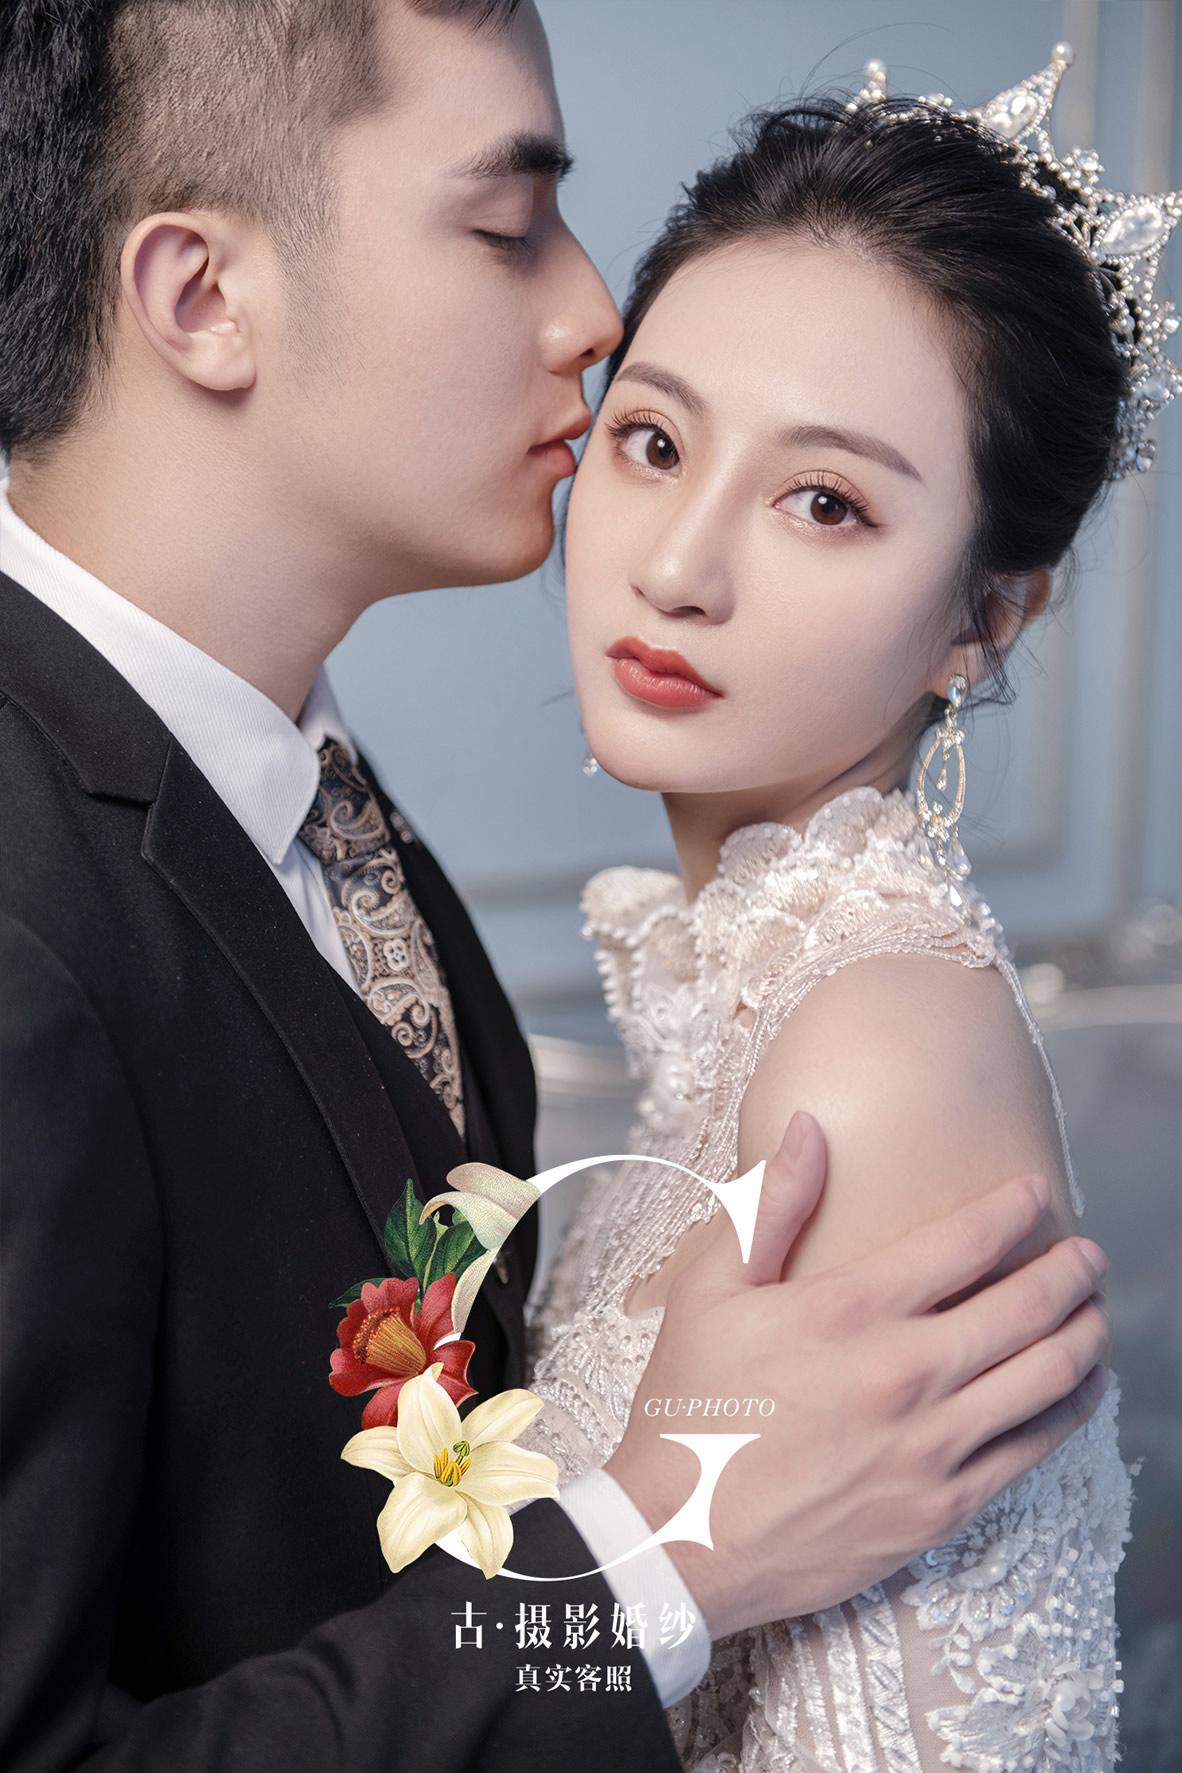 林先生 李小姐 - 每日客照 - 古摄影婚纱艺术-古摄影成都婚纱摄影艺术摄影网